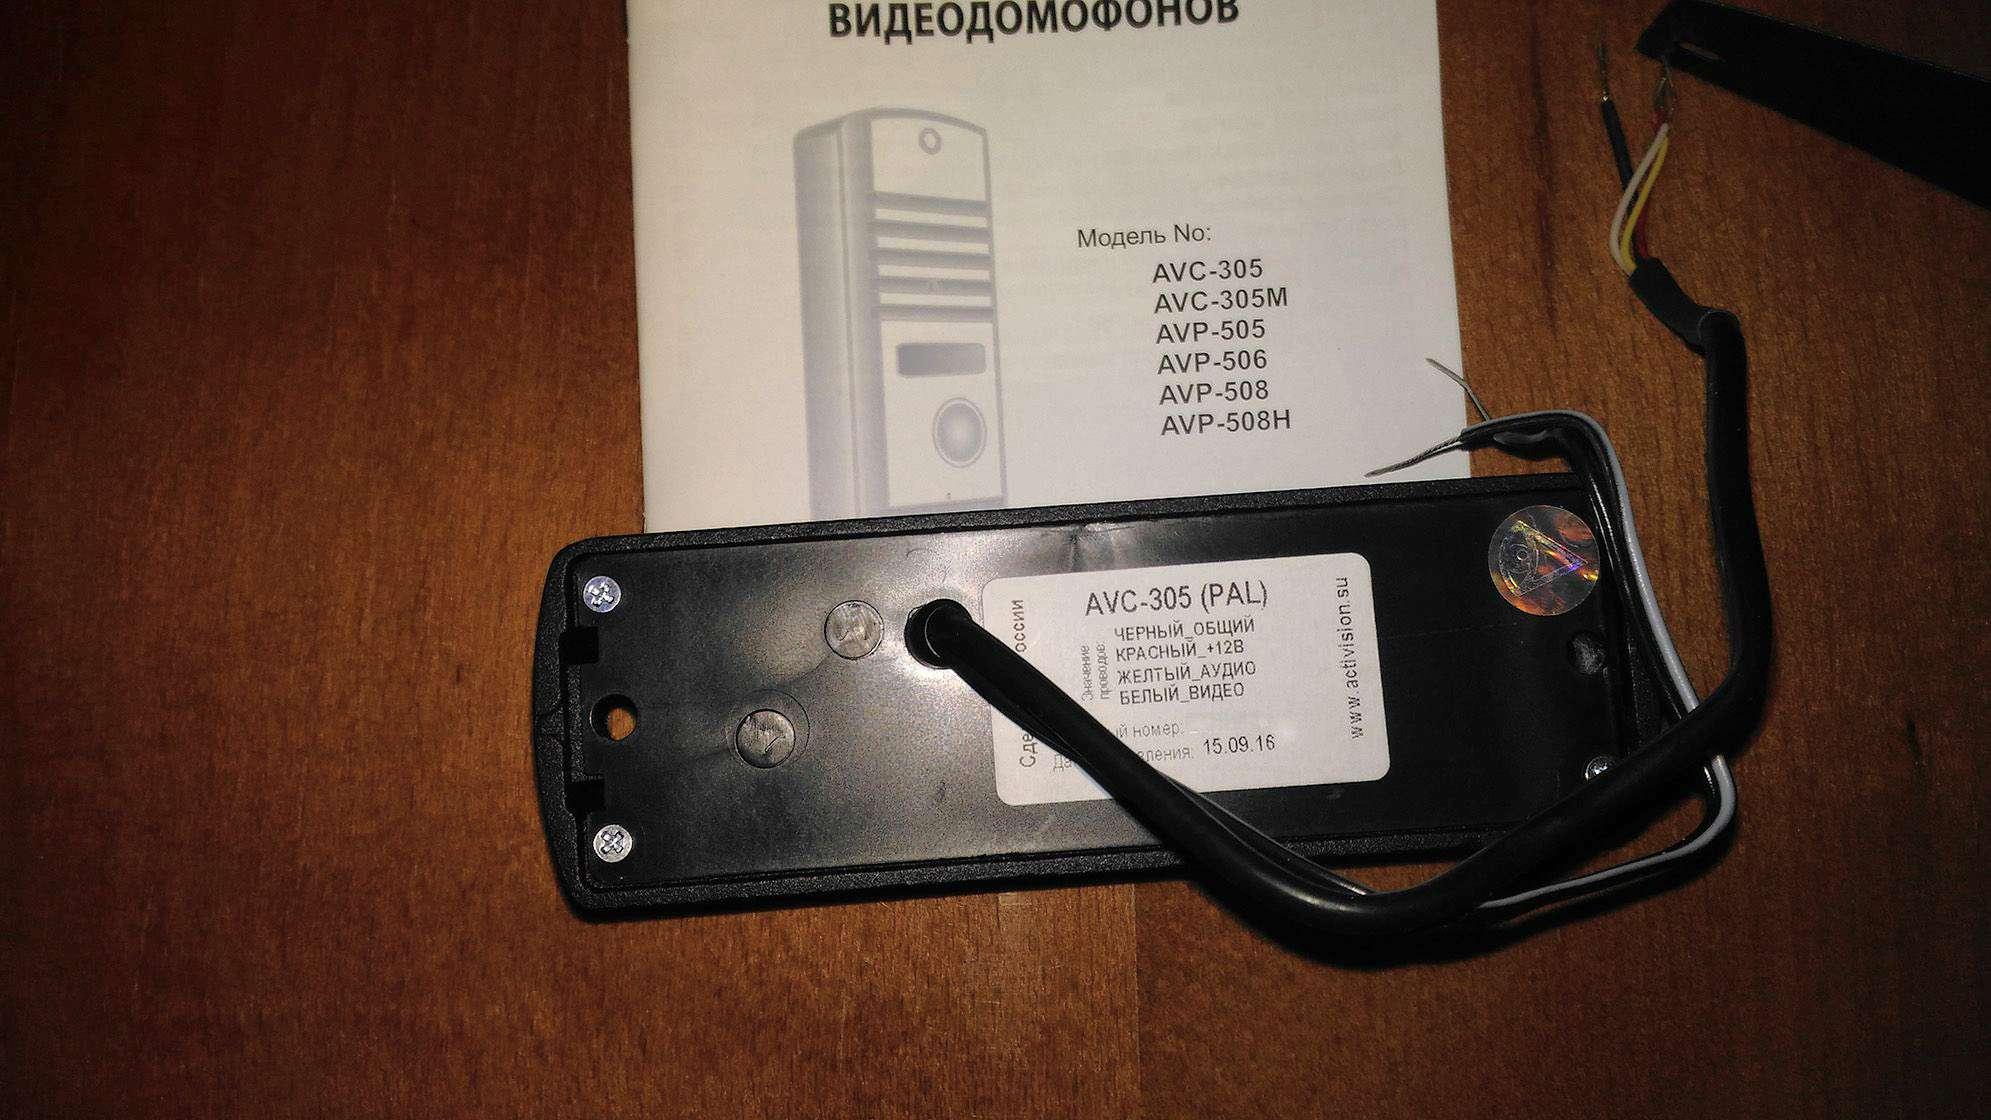 Activision avc-305 pal (чёрный)   купить по цене 2350 р.